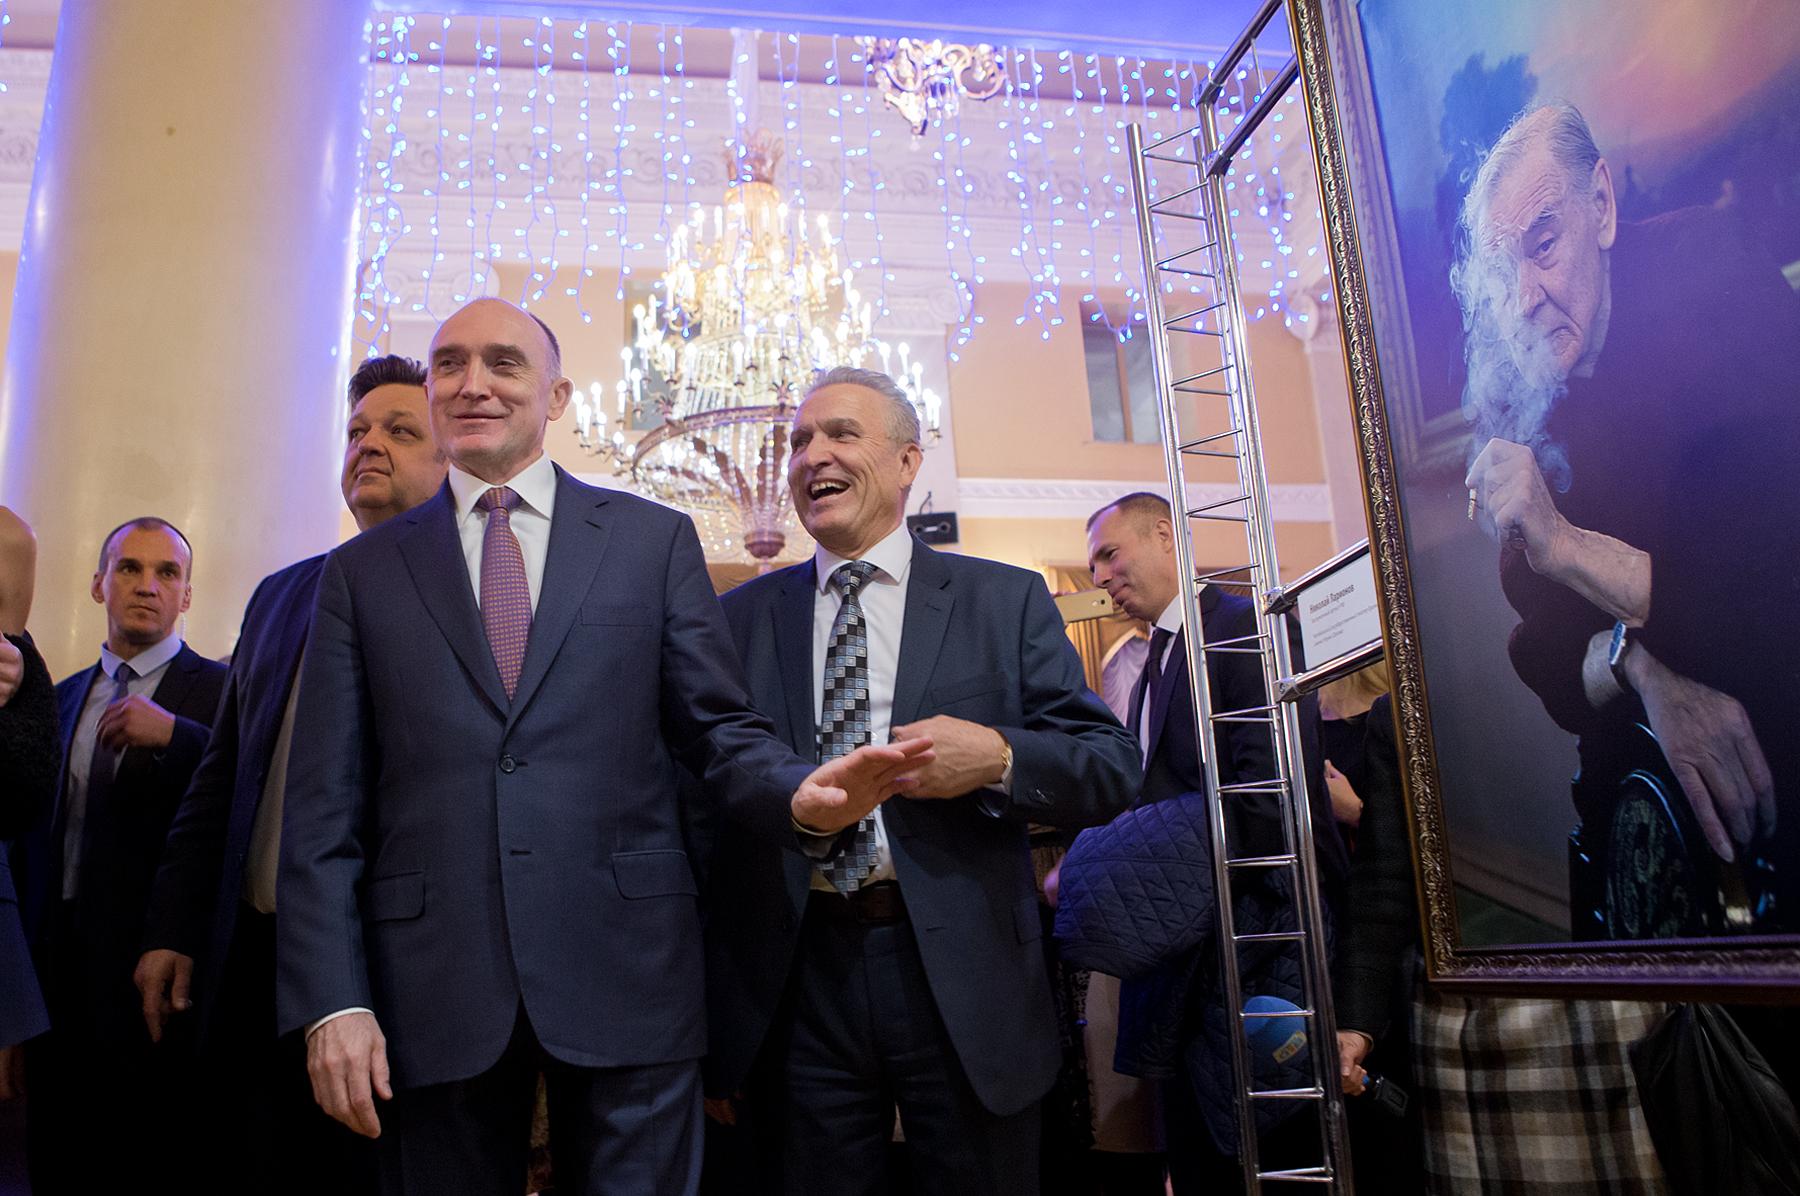 В Челябинской области, как и по всей стране, 13 декабря был дан старт Году театра. Весь следующий